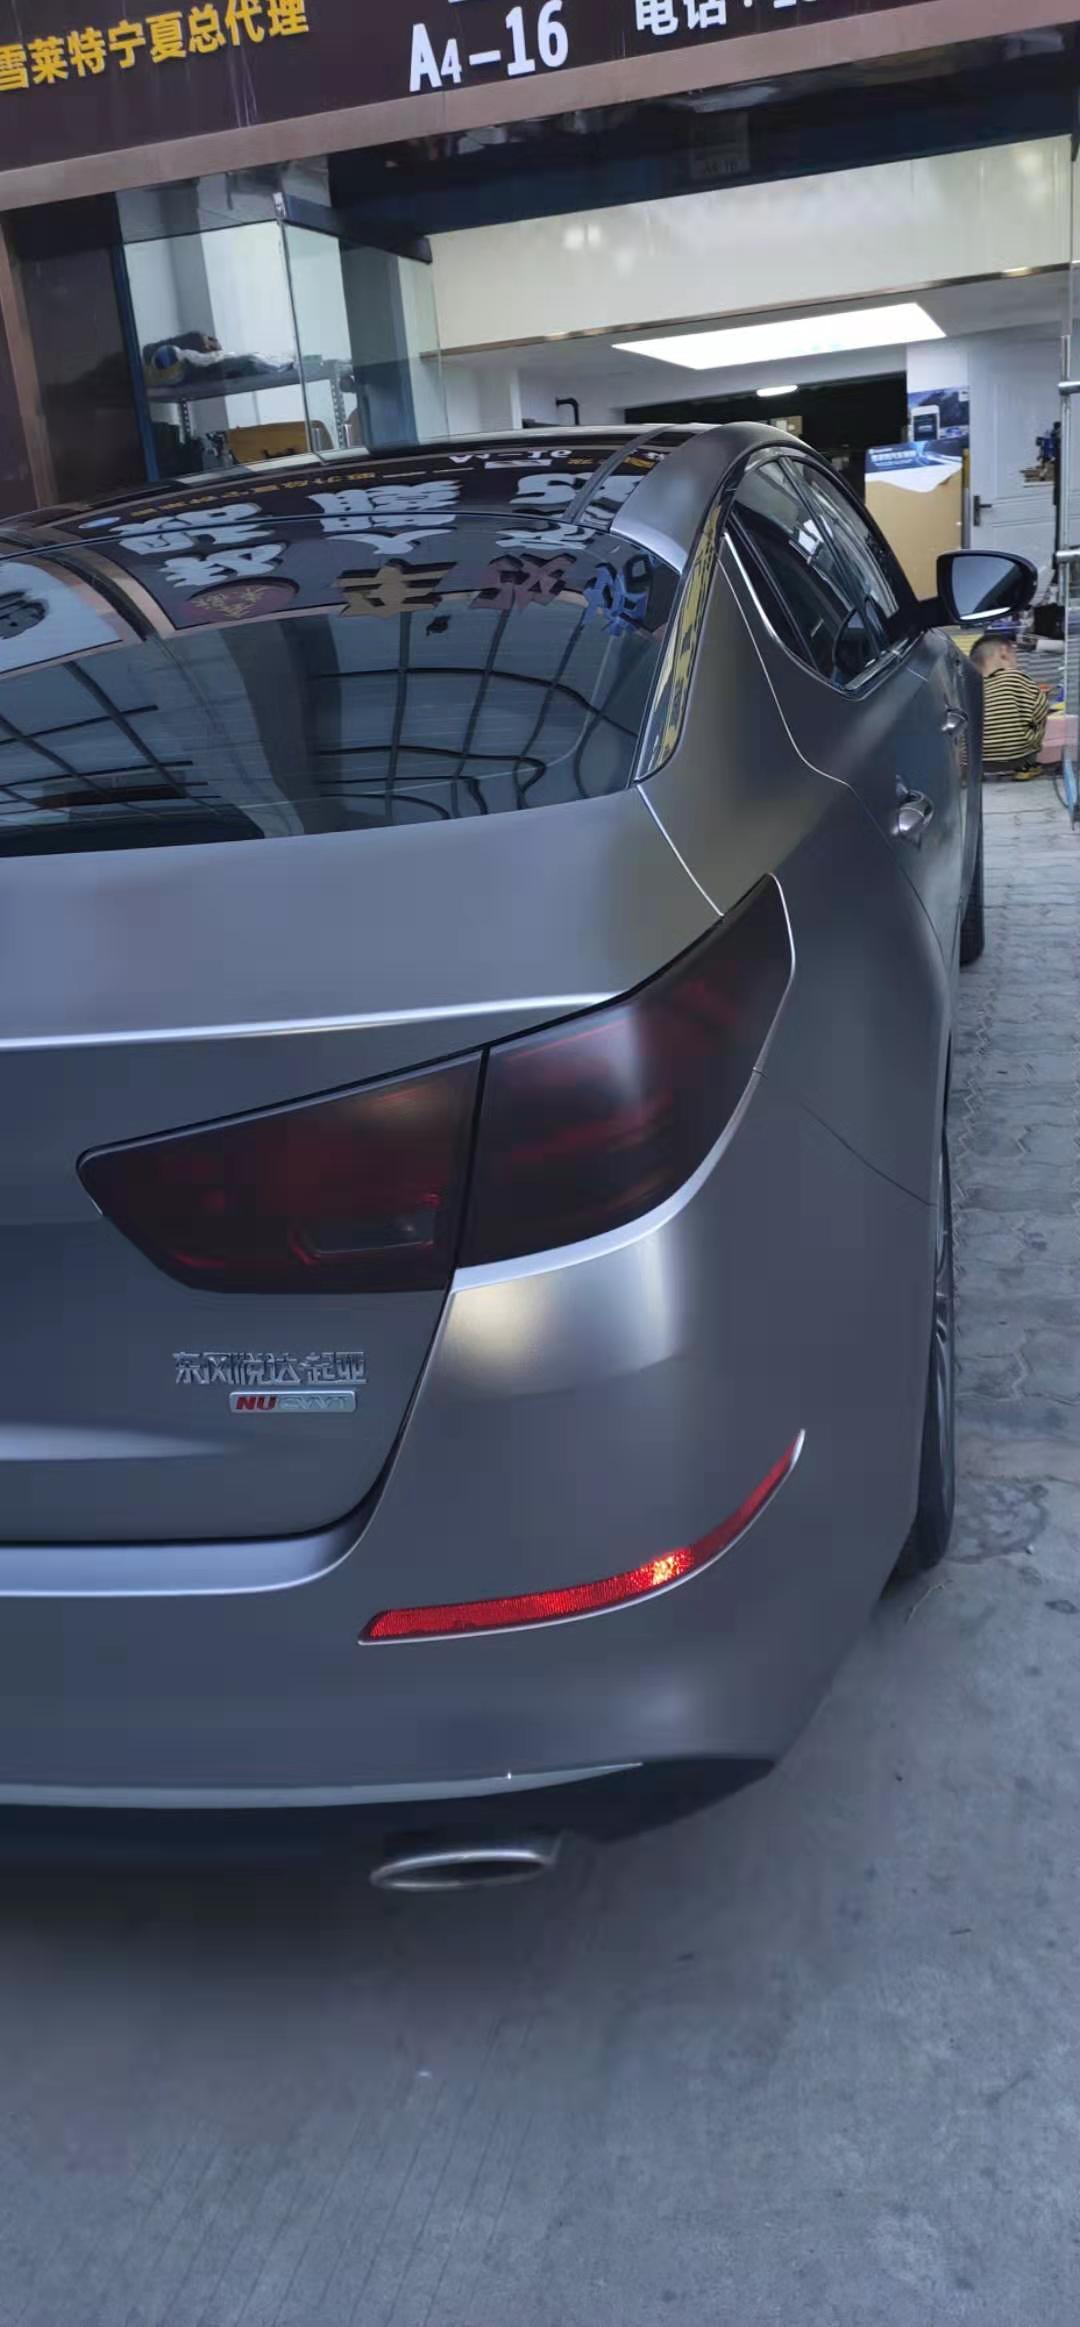 银川专业汽车改色报价-宁夏回族自治区安全可靠的宁夏汽车改色供应